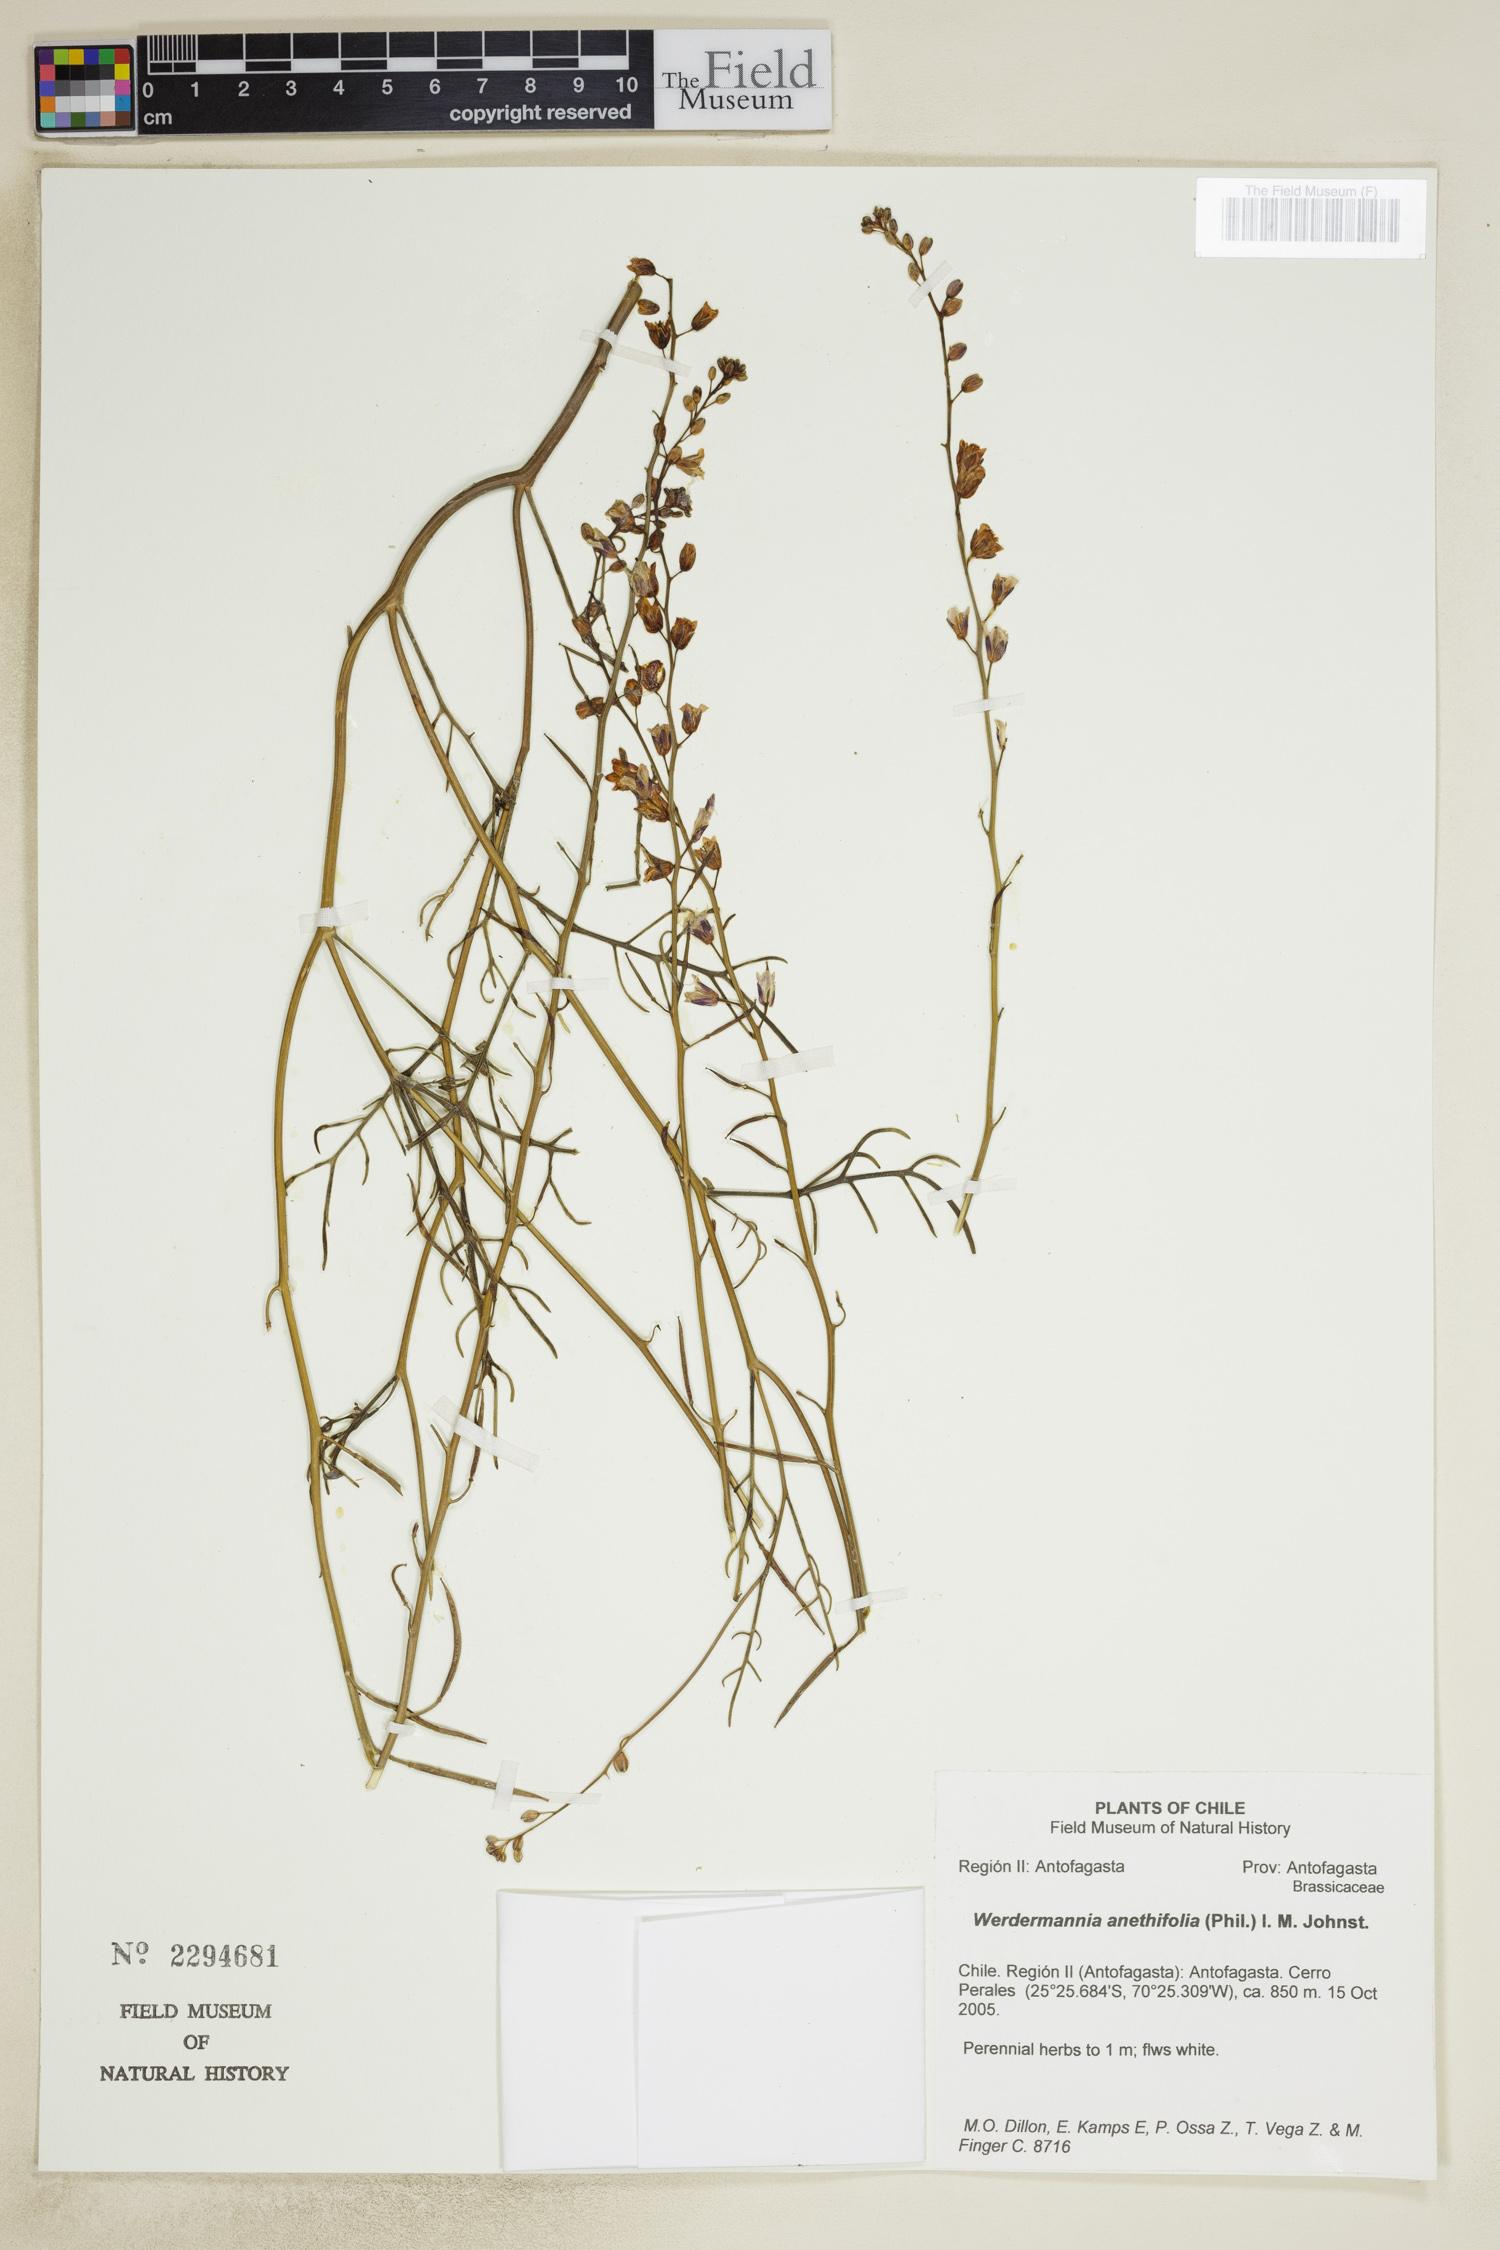 Werdermannia anethifolia image